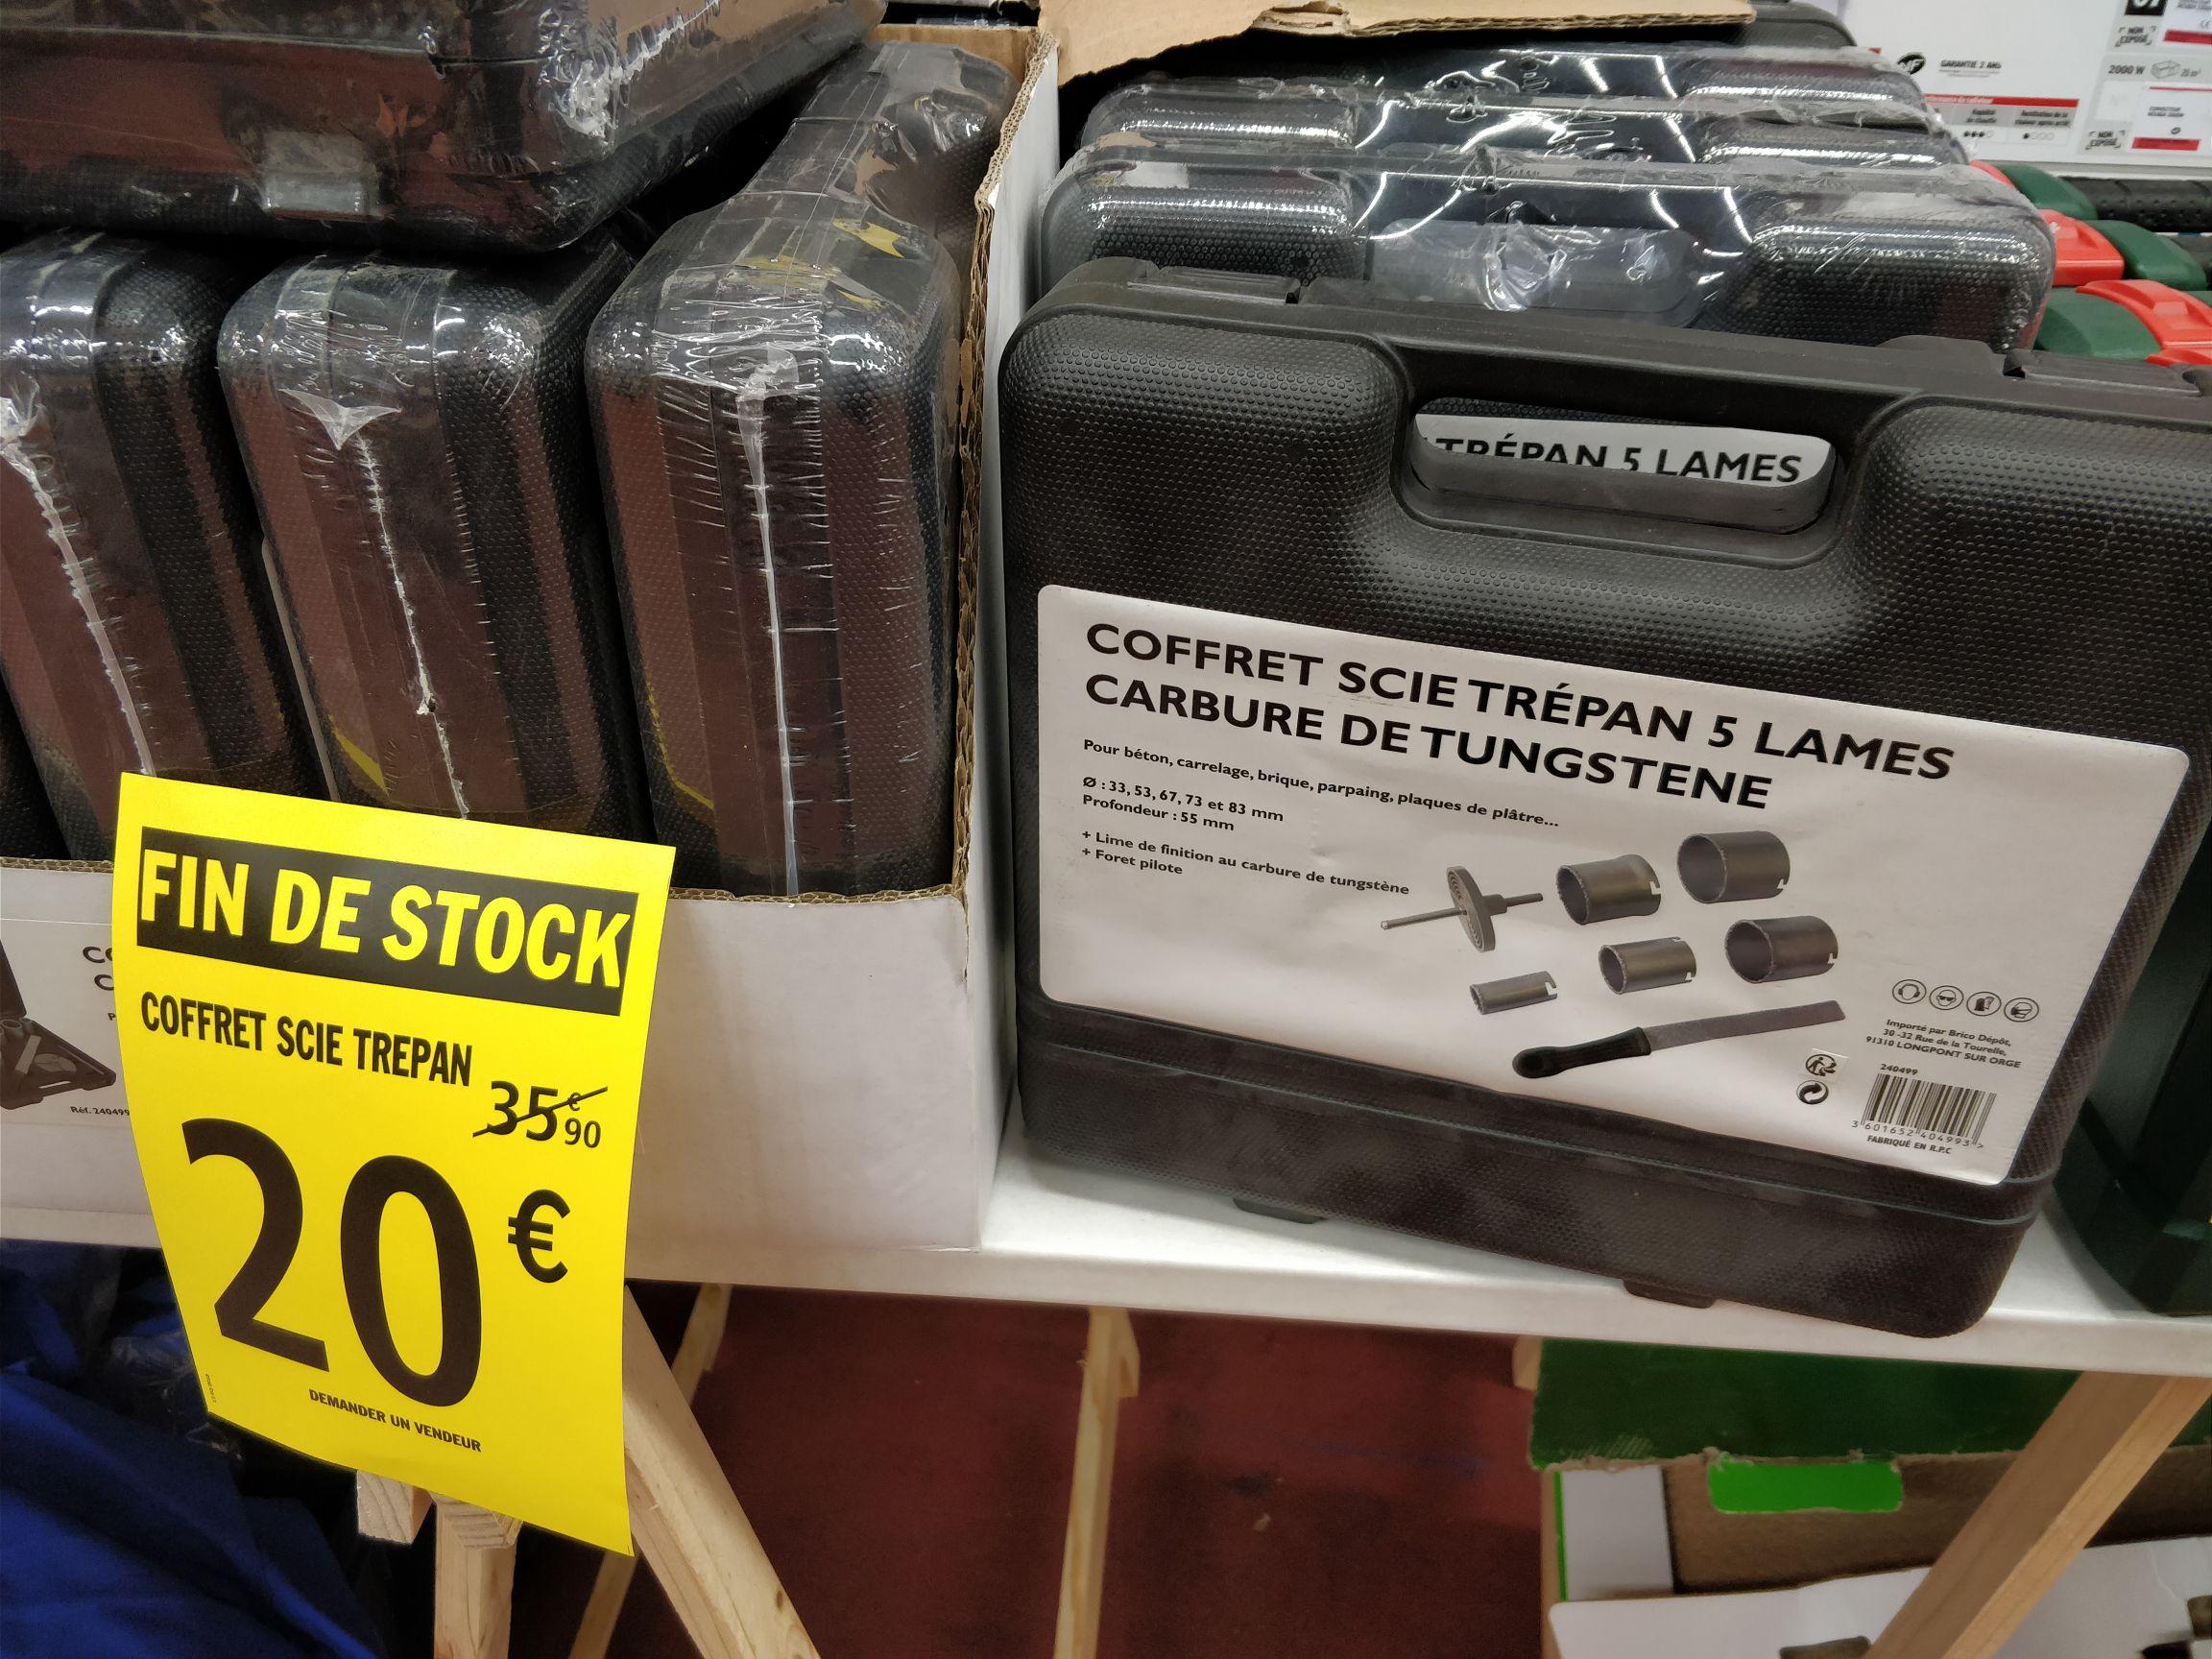 Coffret scies trépan - 5 lames carbure de tungstene (Villefranche sur Saône 69)